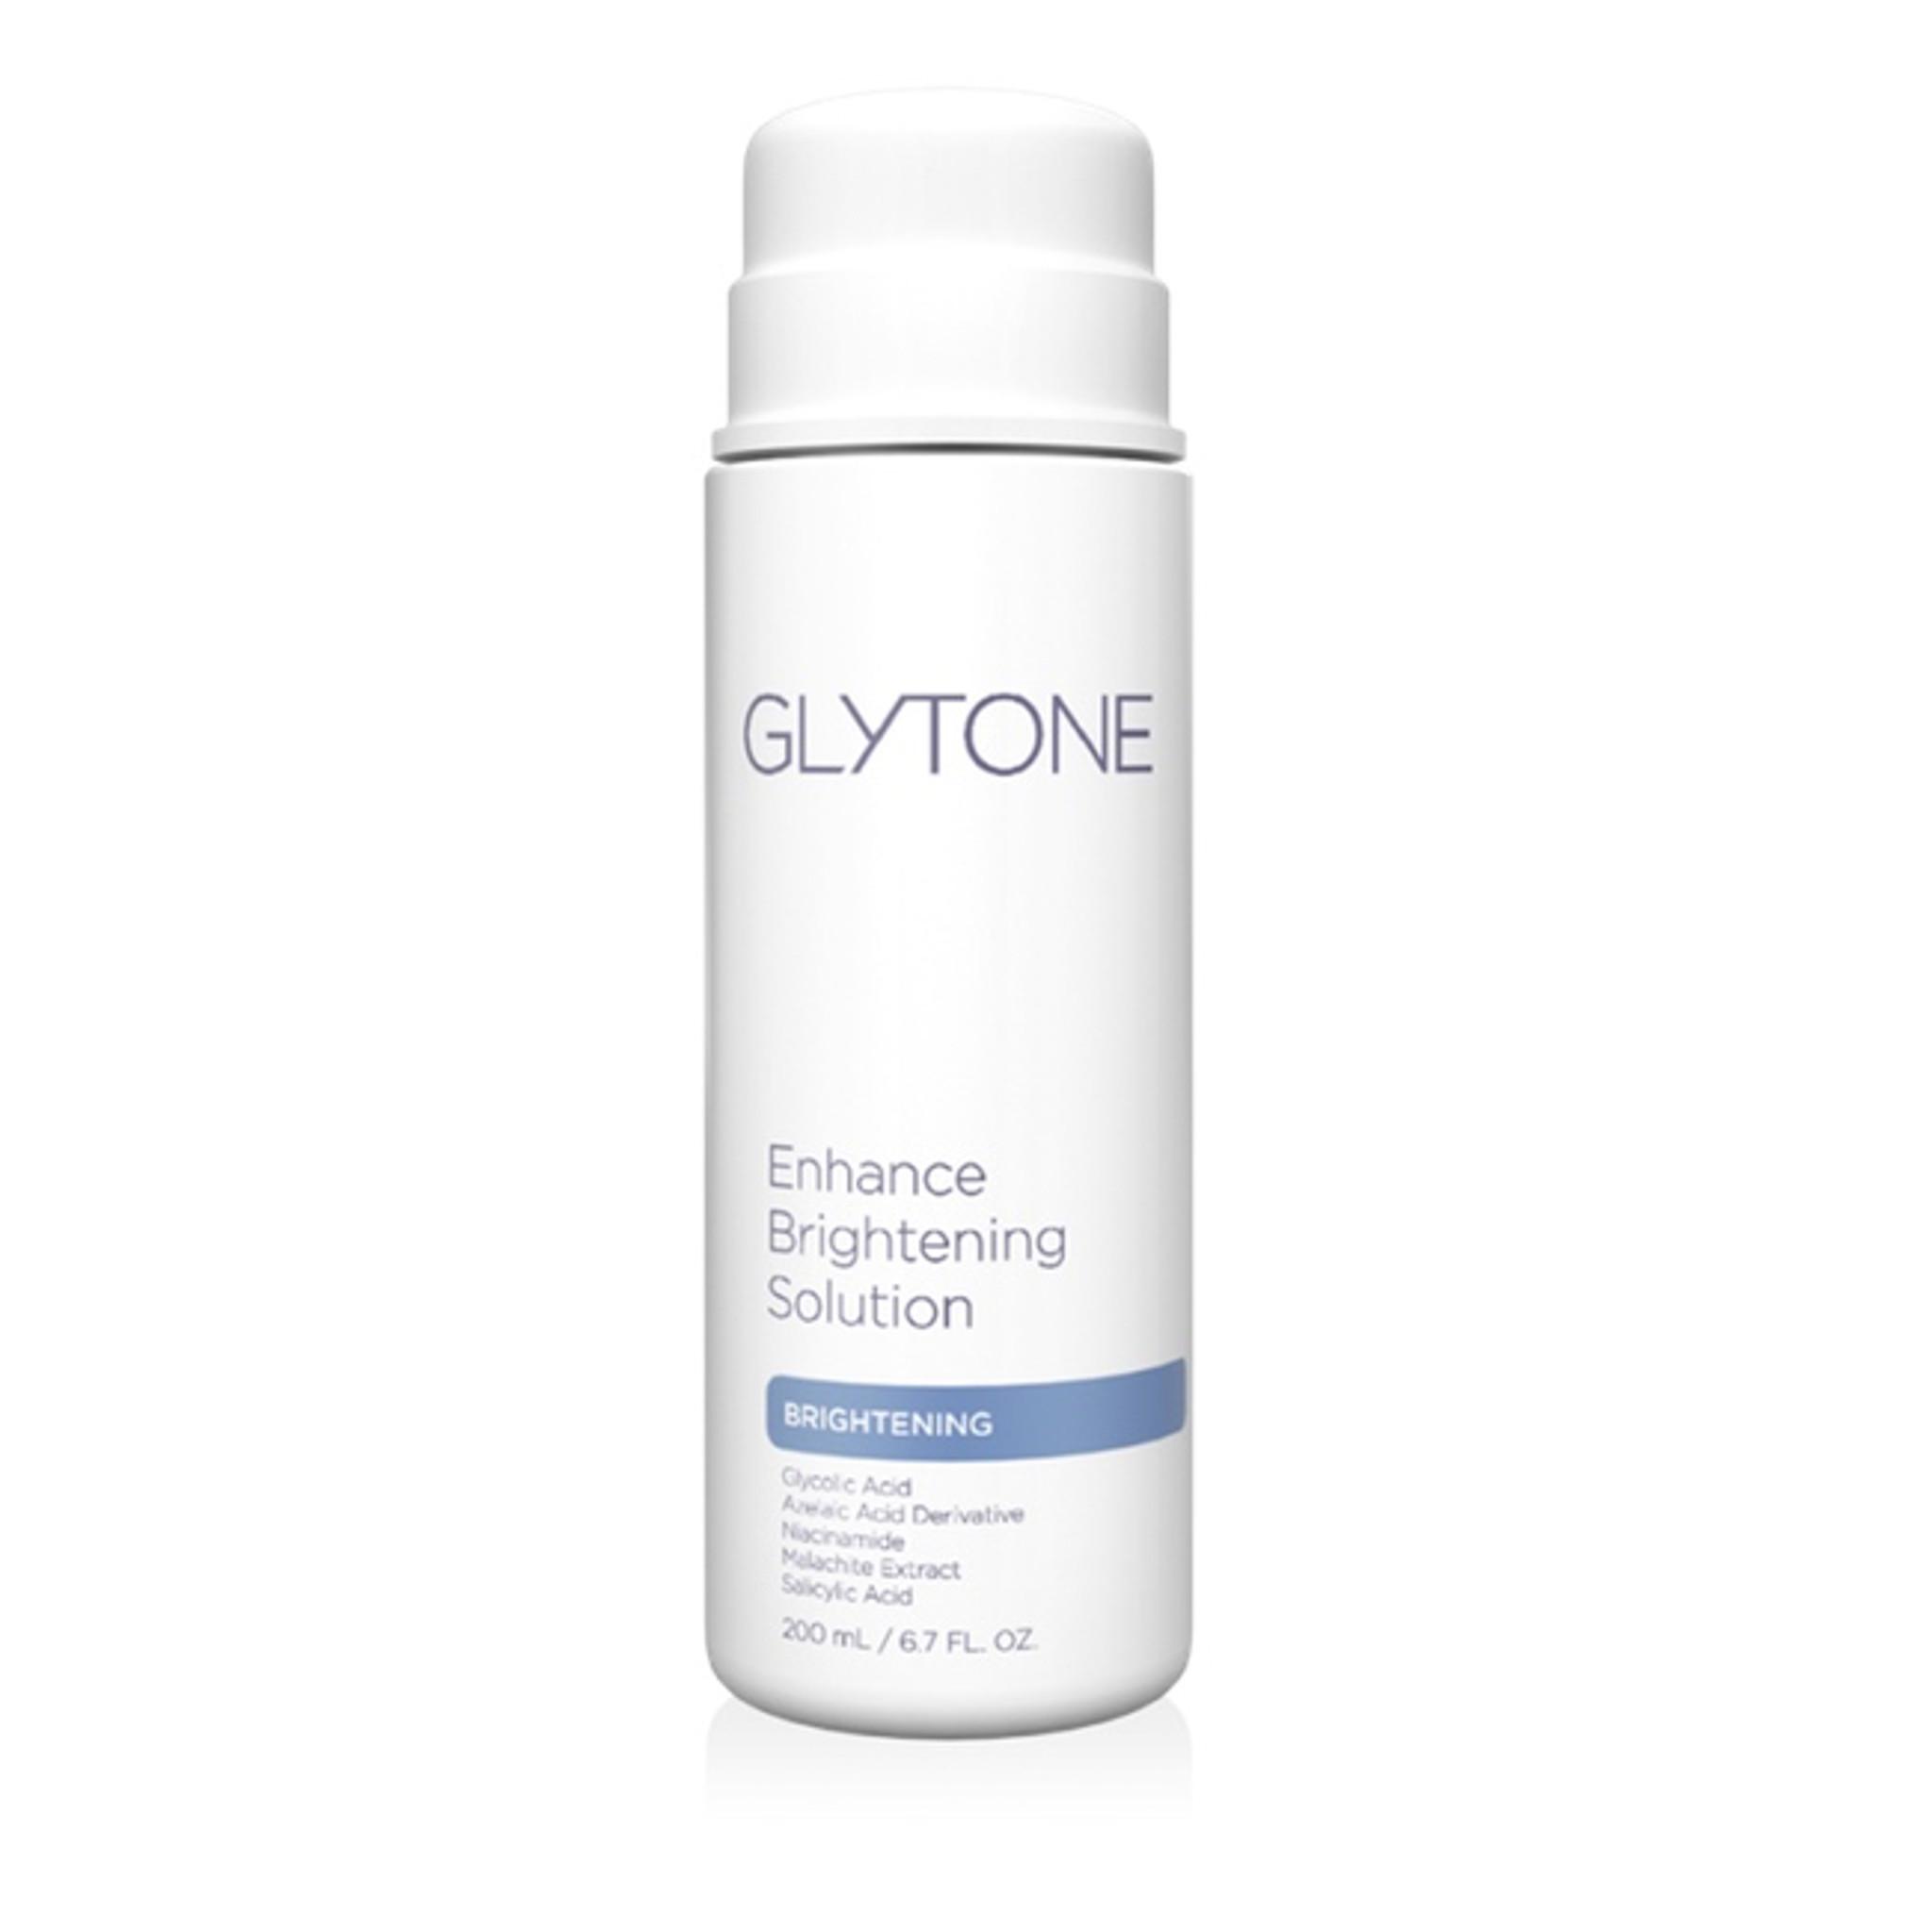 Avene Glytone Enhance Brightening Solution